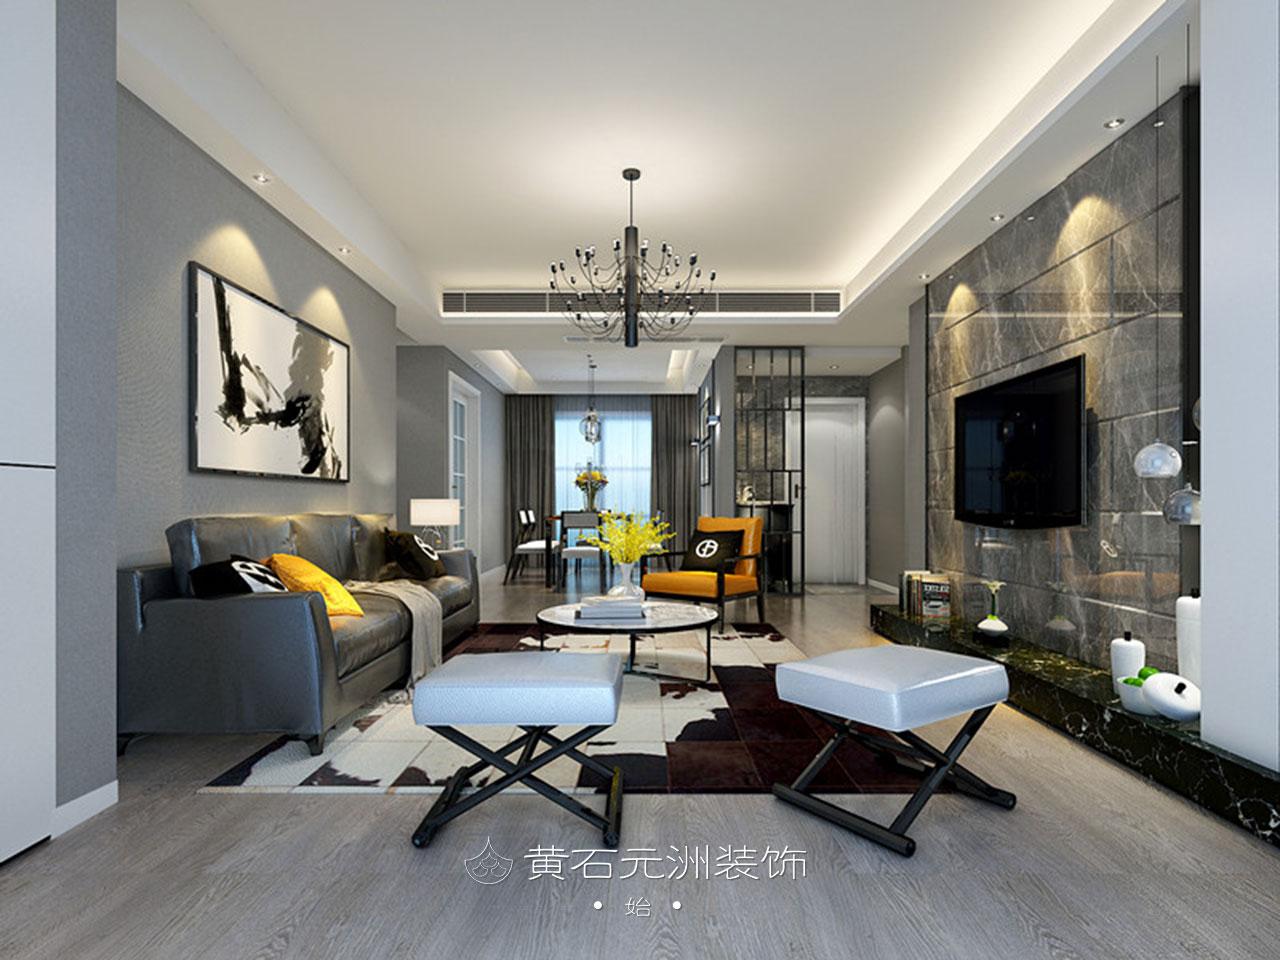 元洲案例丨120㎡现代简约美宅,细节诠释生活